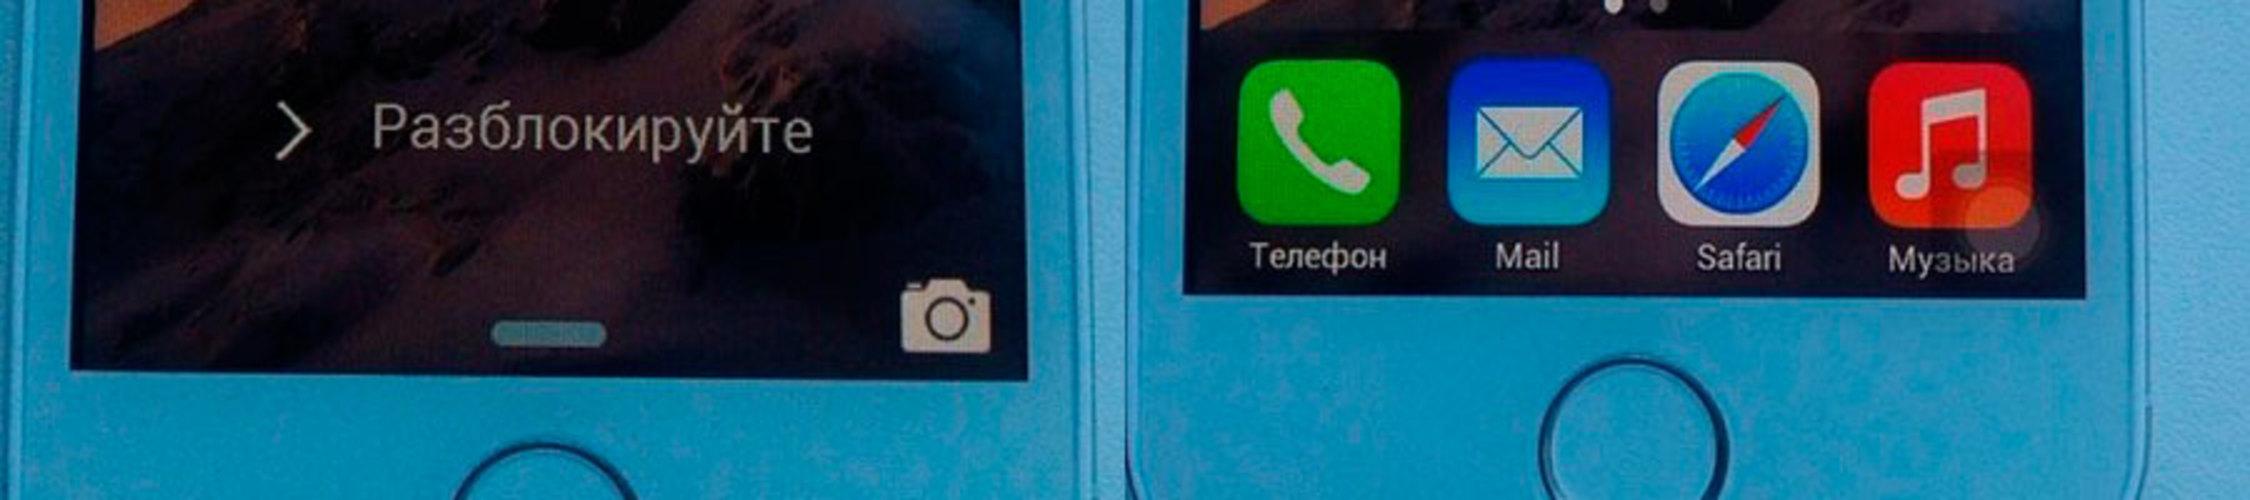 Как проверить настоящий ли айфон 5s?